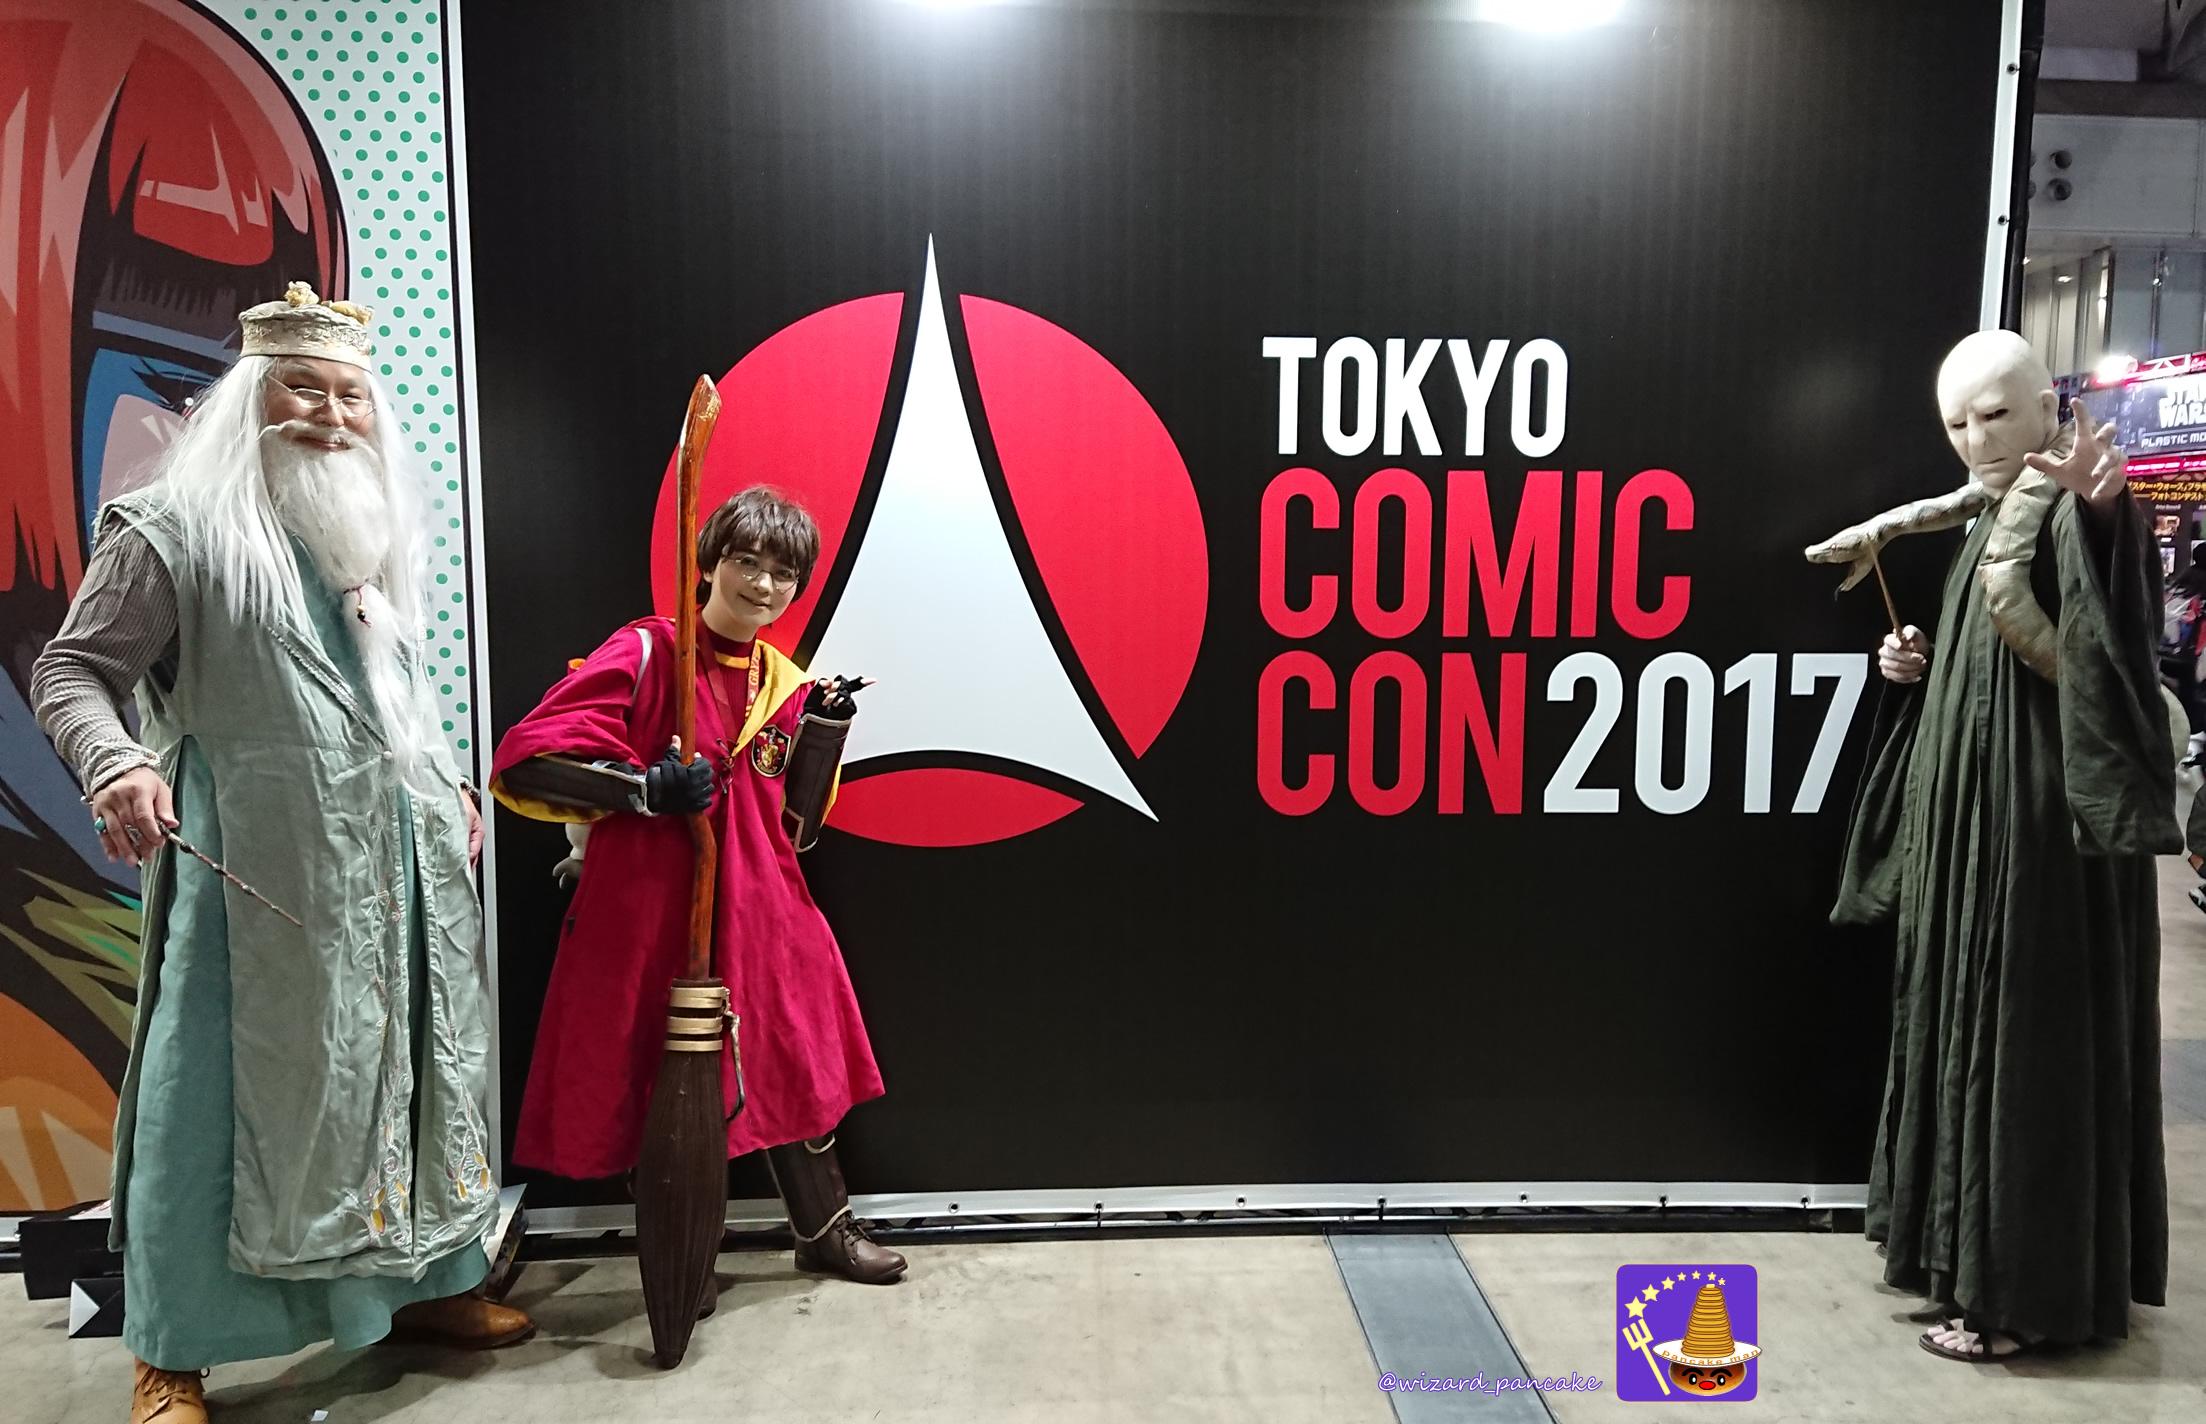 東京コミコン2017 ハリーポッターとファンタビについての見どころをダンブルドア姿でご紹介申し上げるのじゃ♪ポタコレ&コスプレ集合写真の記念撮影タイム 2017年12月2日 魔法使いパンケーキマン・ダンブルドア